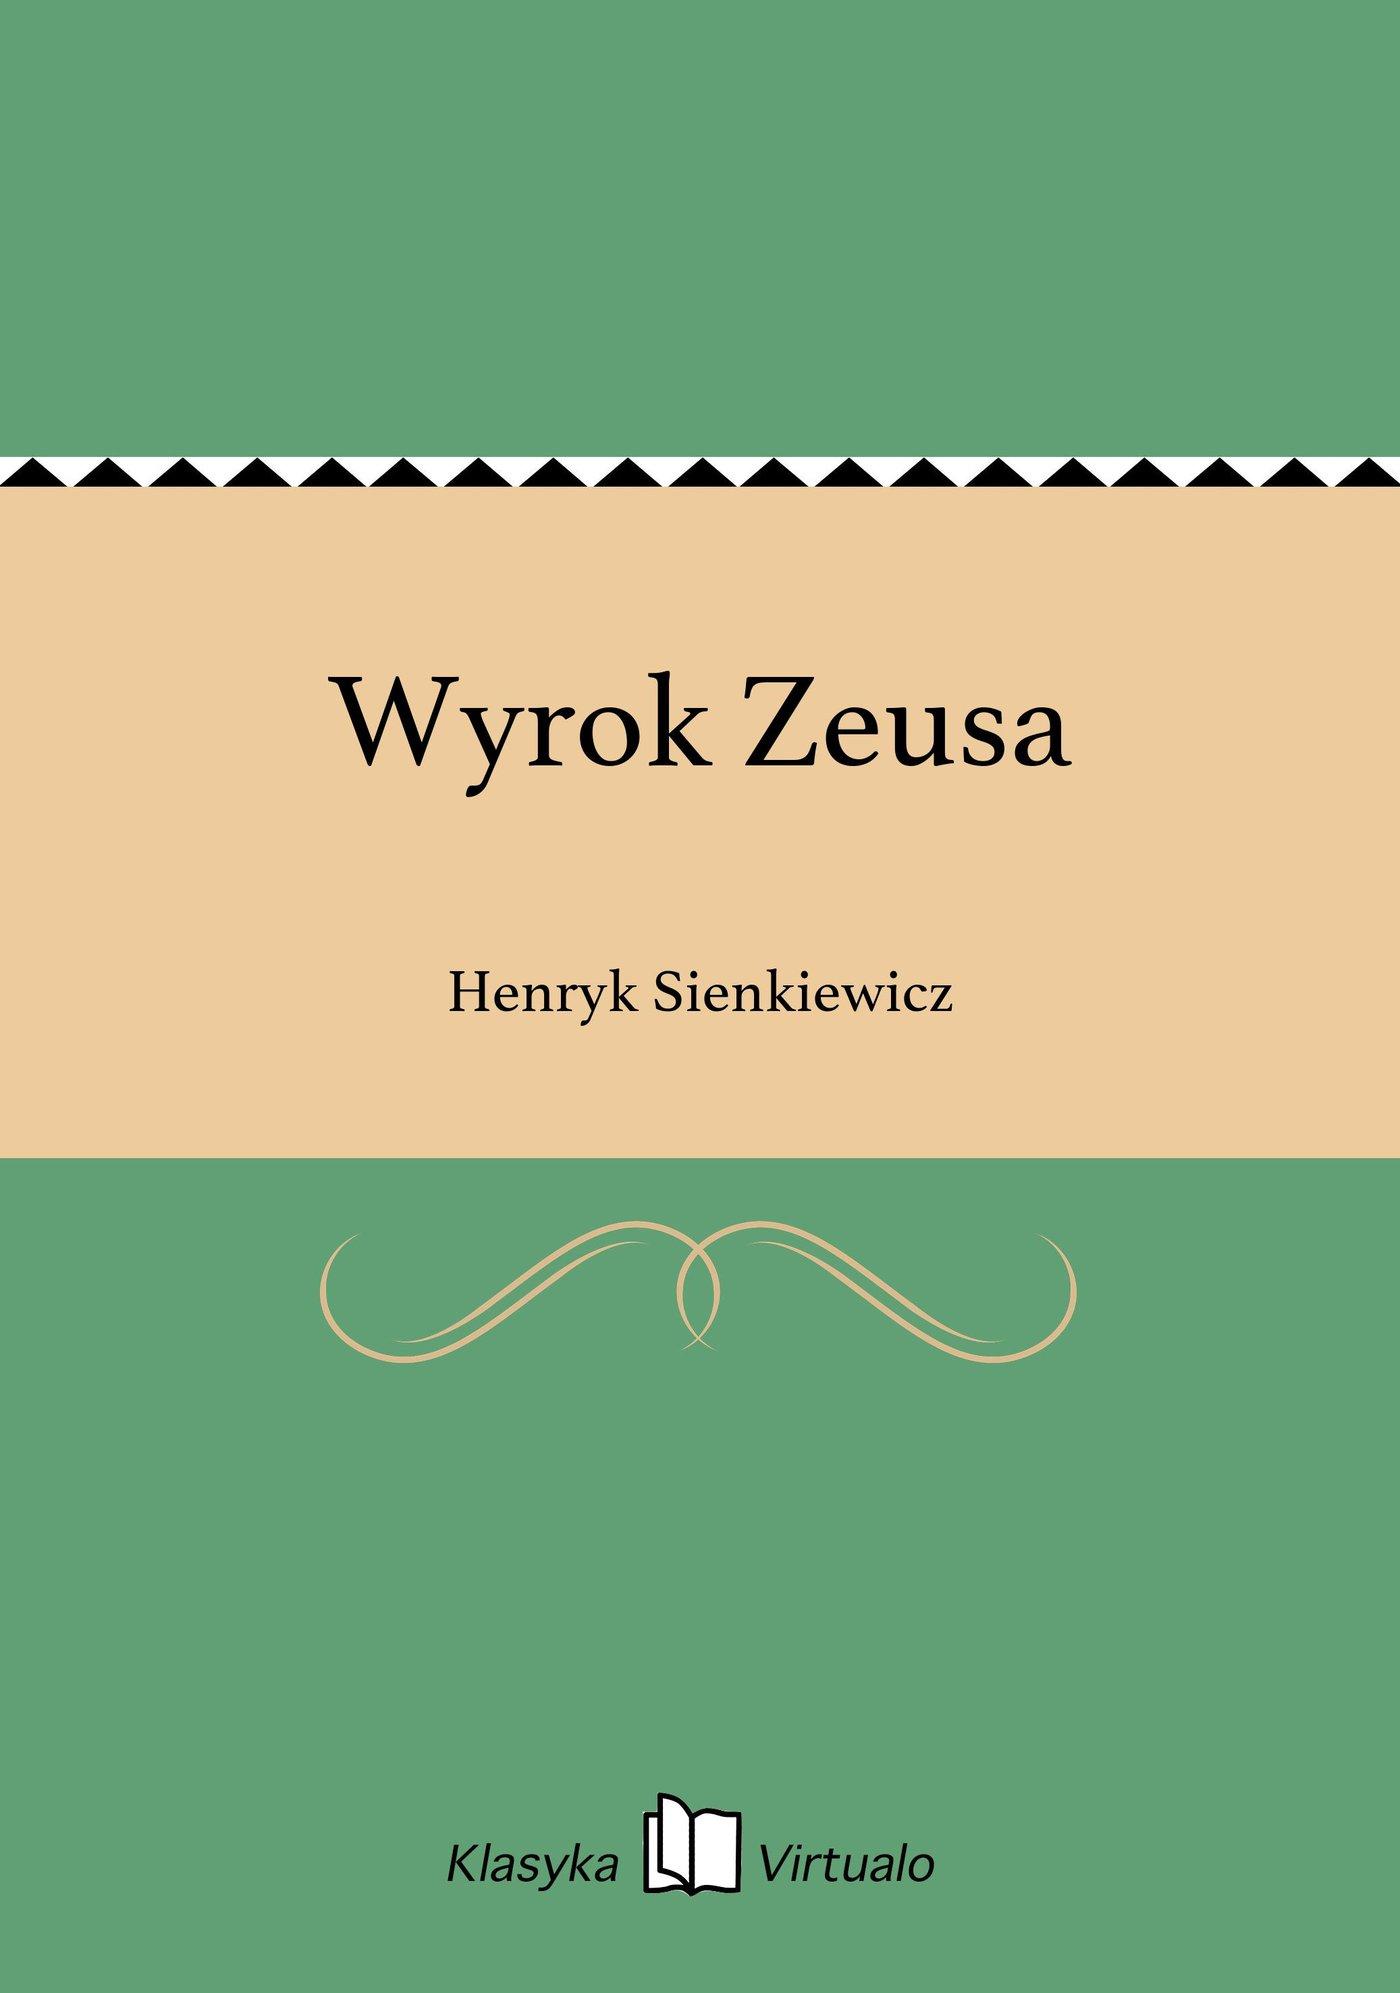 Wyrok Zeusa - Ebook (Książka EPUB) do pobrania w formacie EPUB